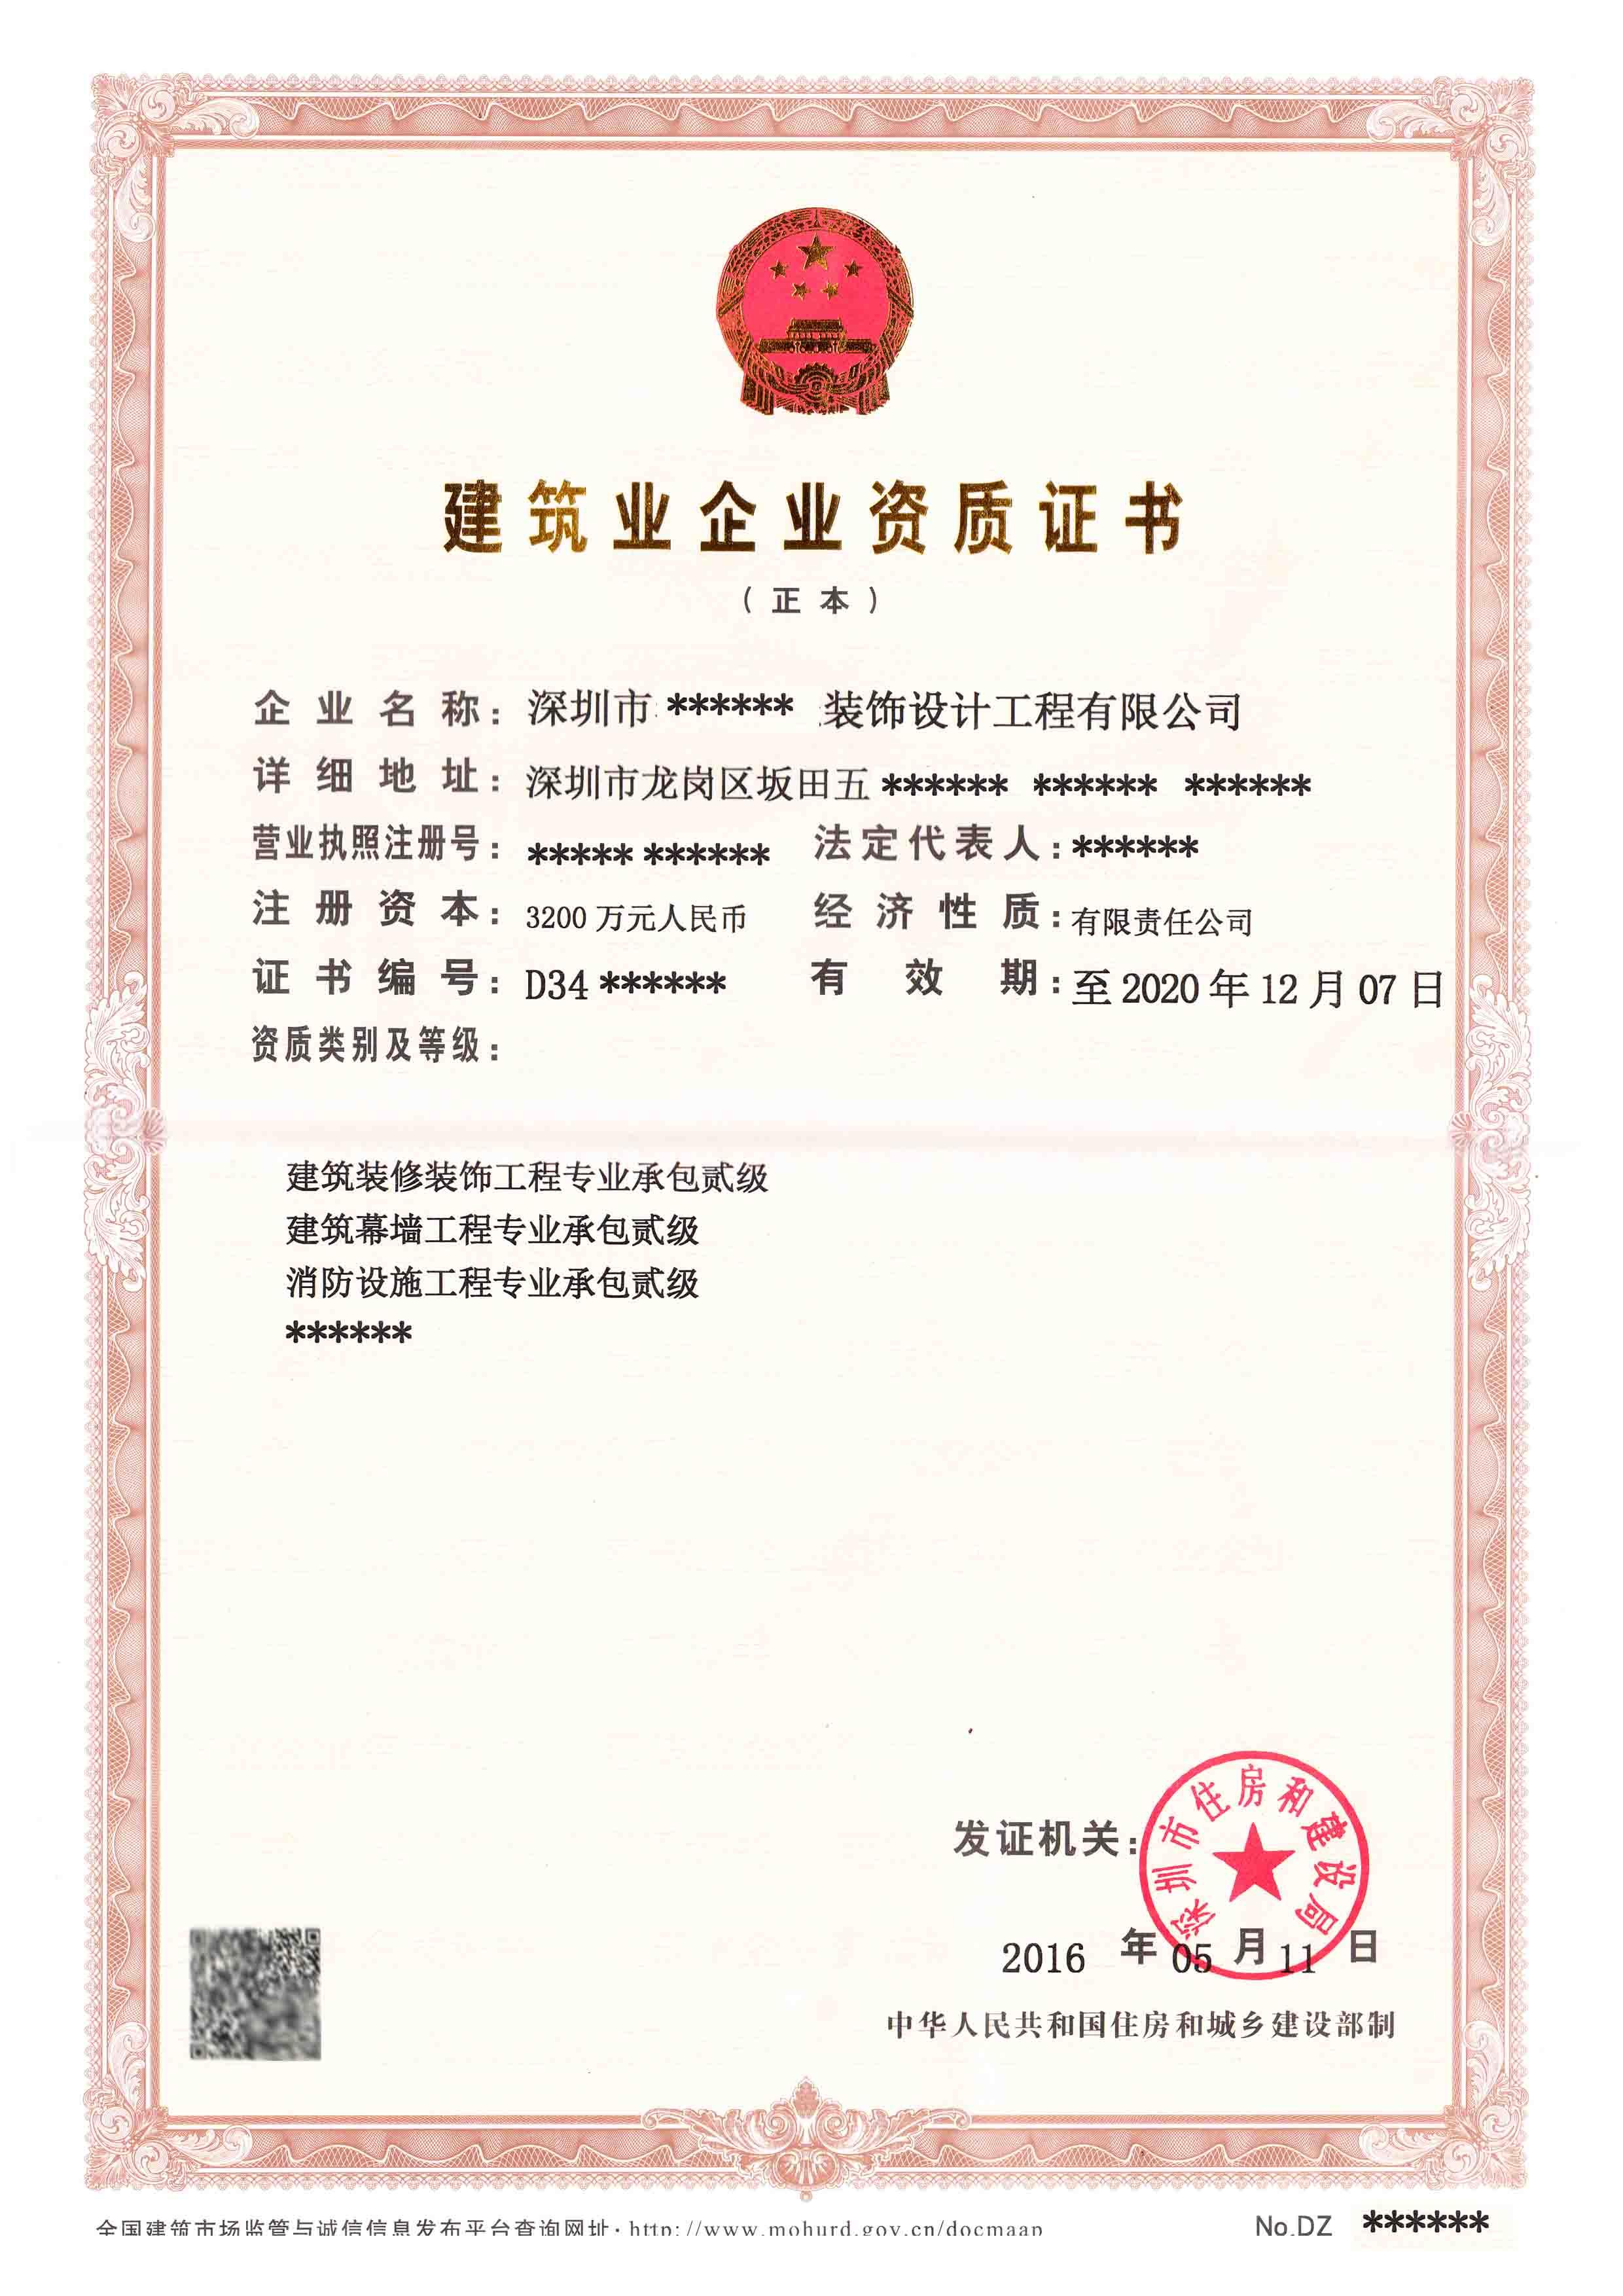 中国武夷公司具有修建公路市政等工程施工总承包天赋